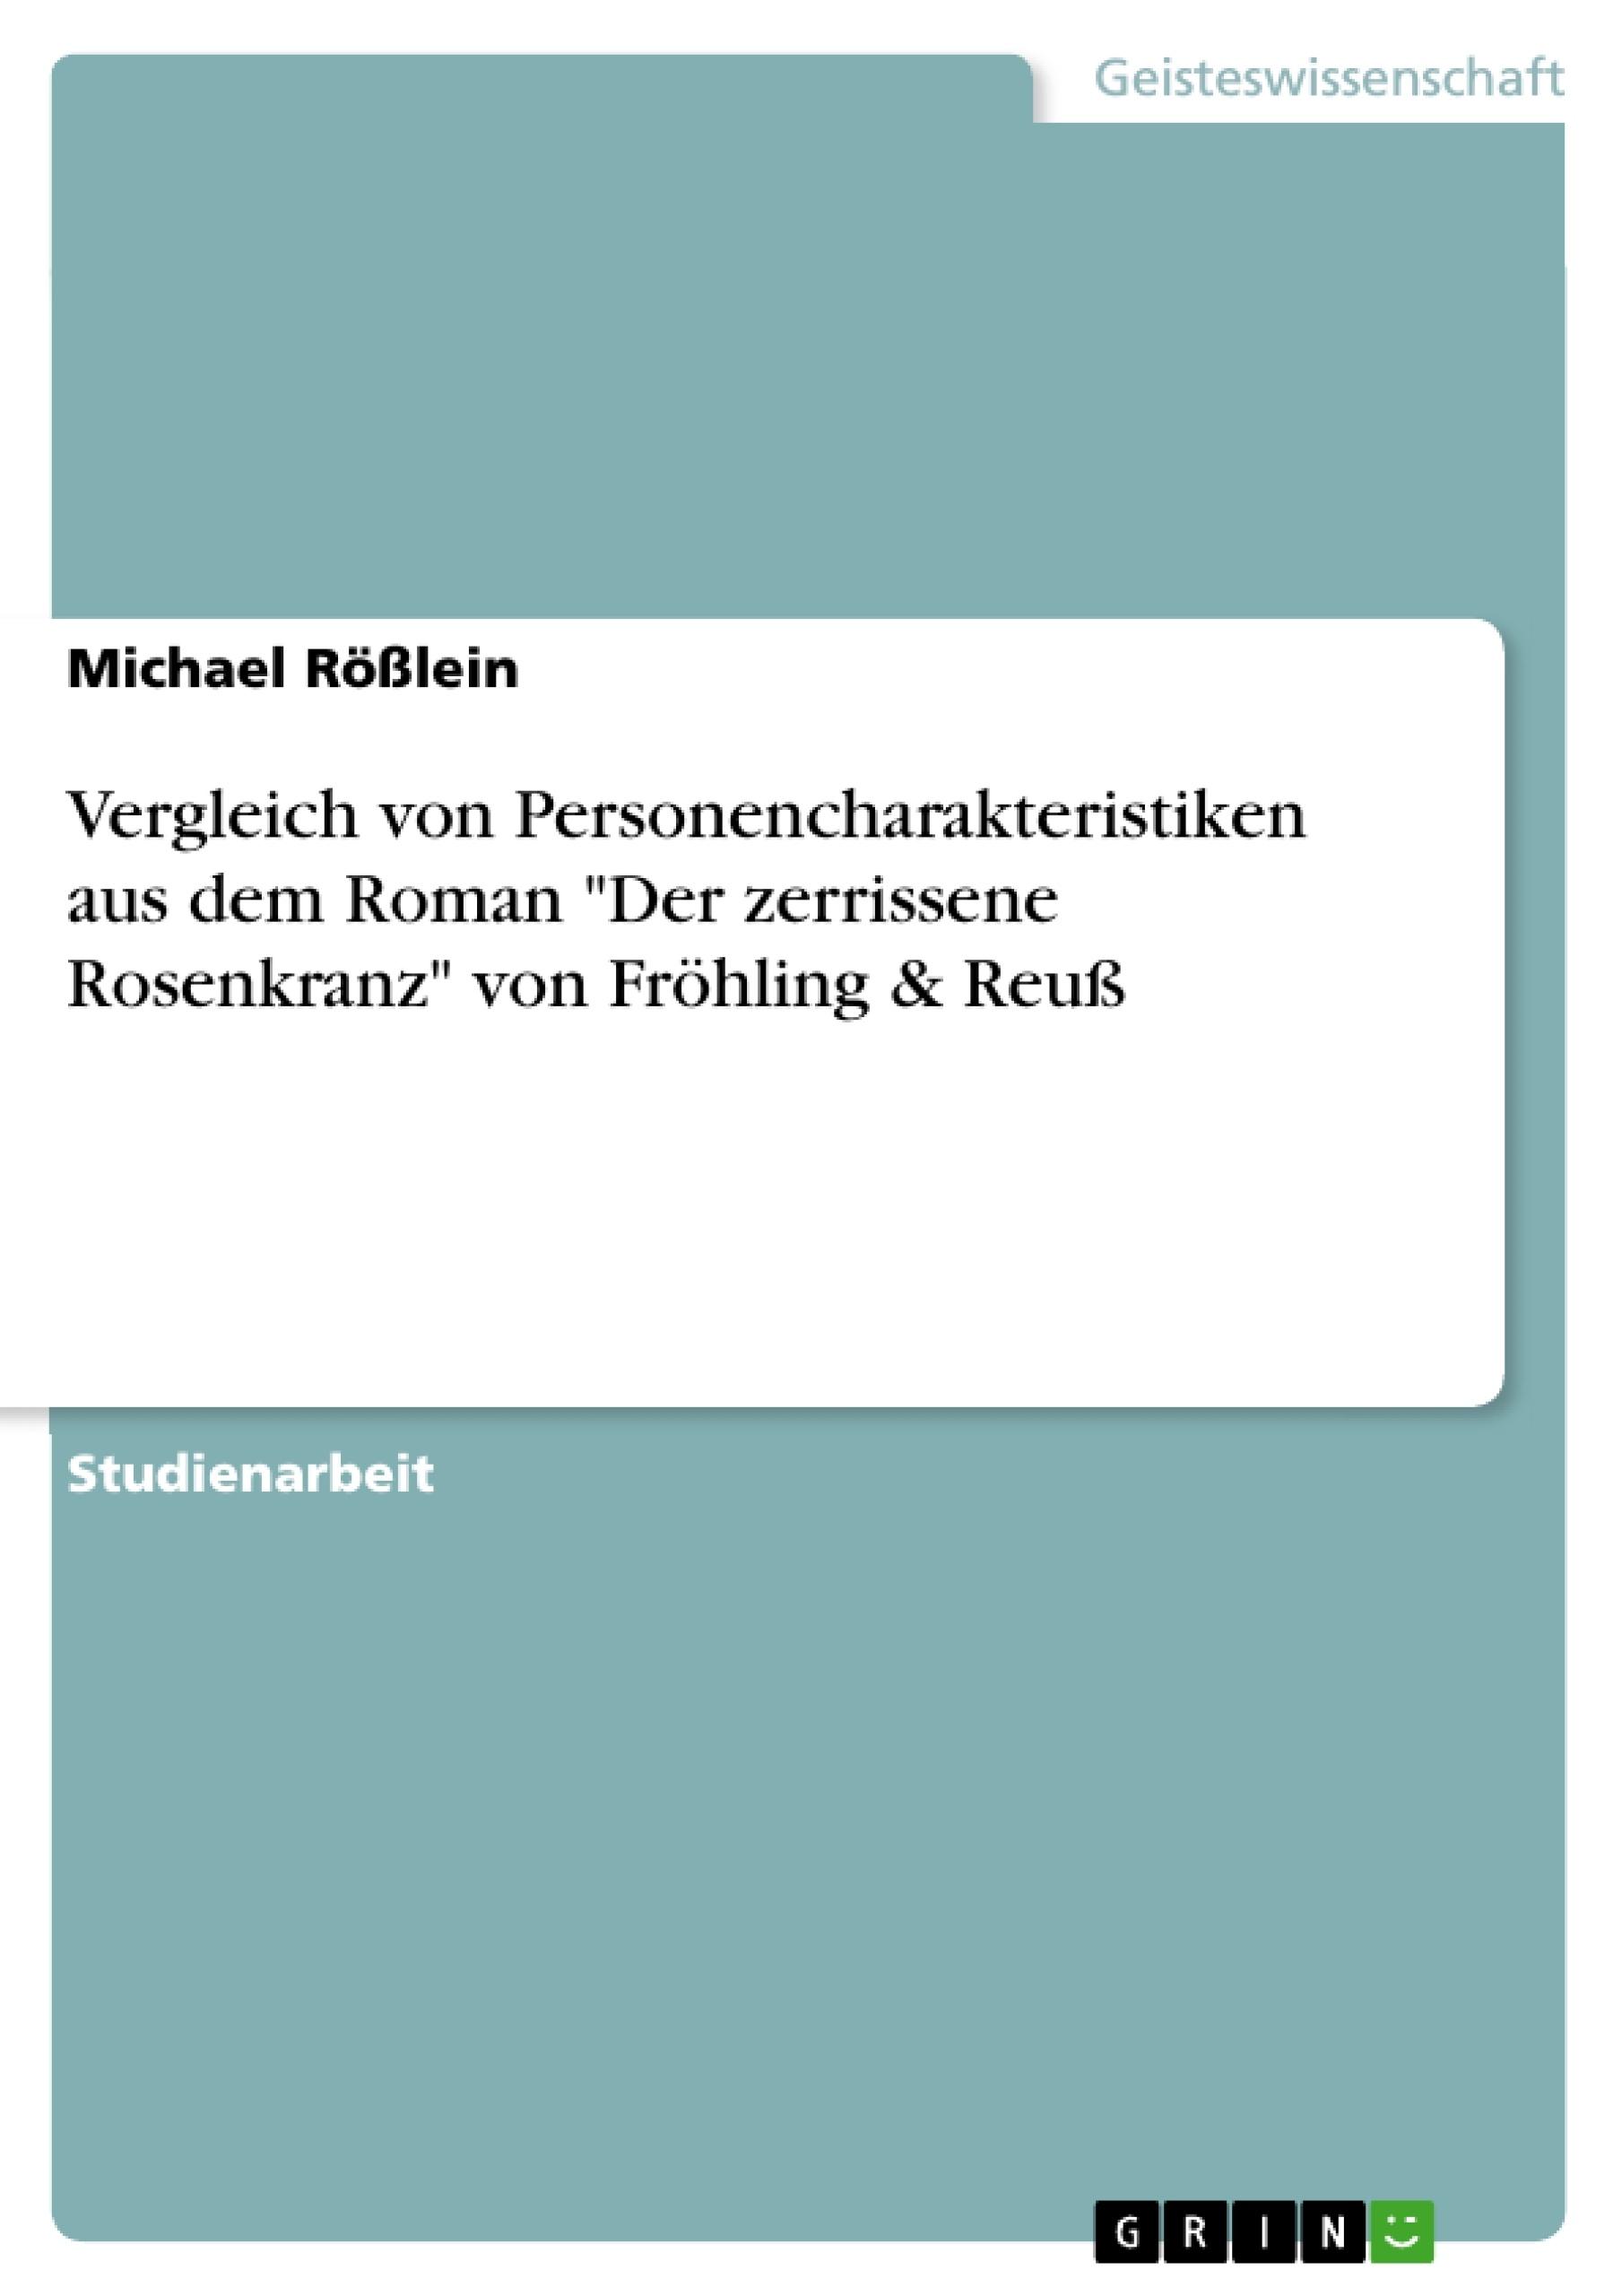 """Titel: Vergleich von Personencharakteristiken aus dem Roman """"Der zerrissene Rosenkranz"""" von Fröhling & Reuß"""